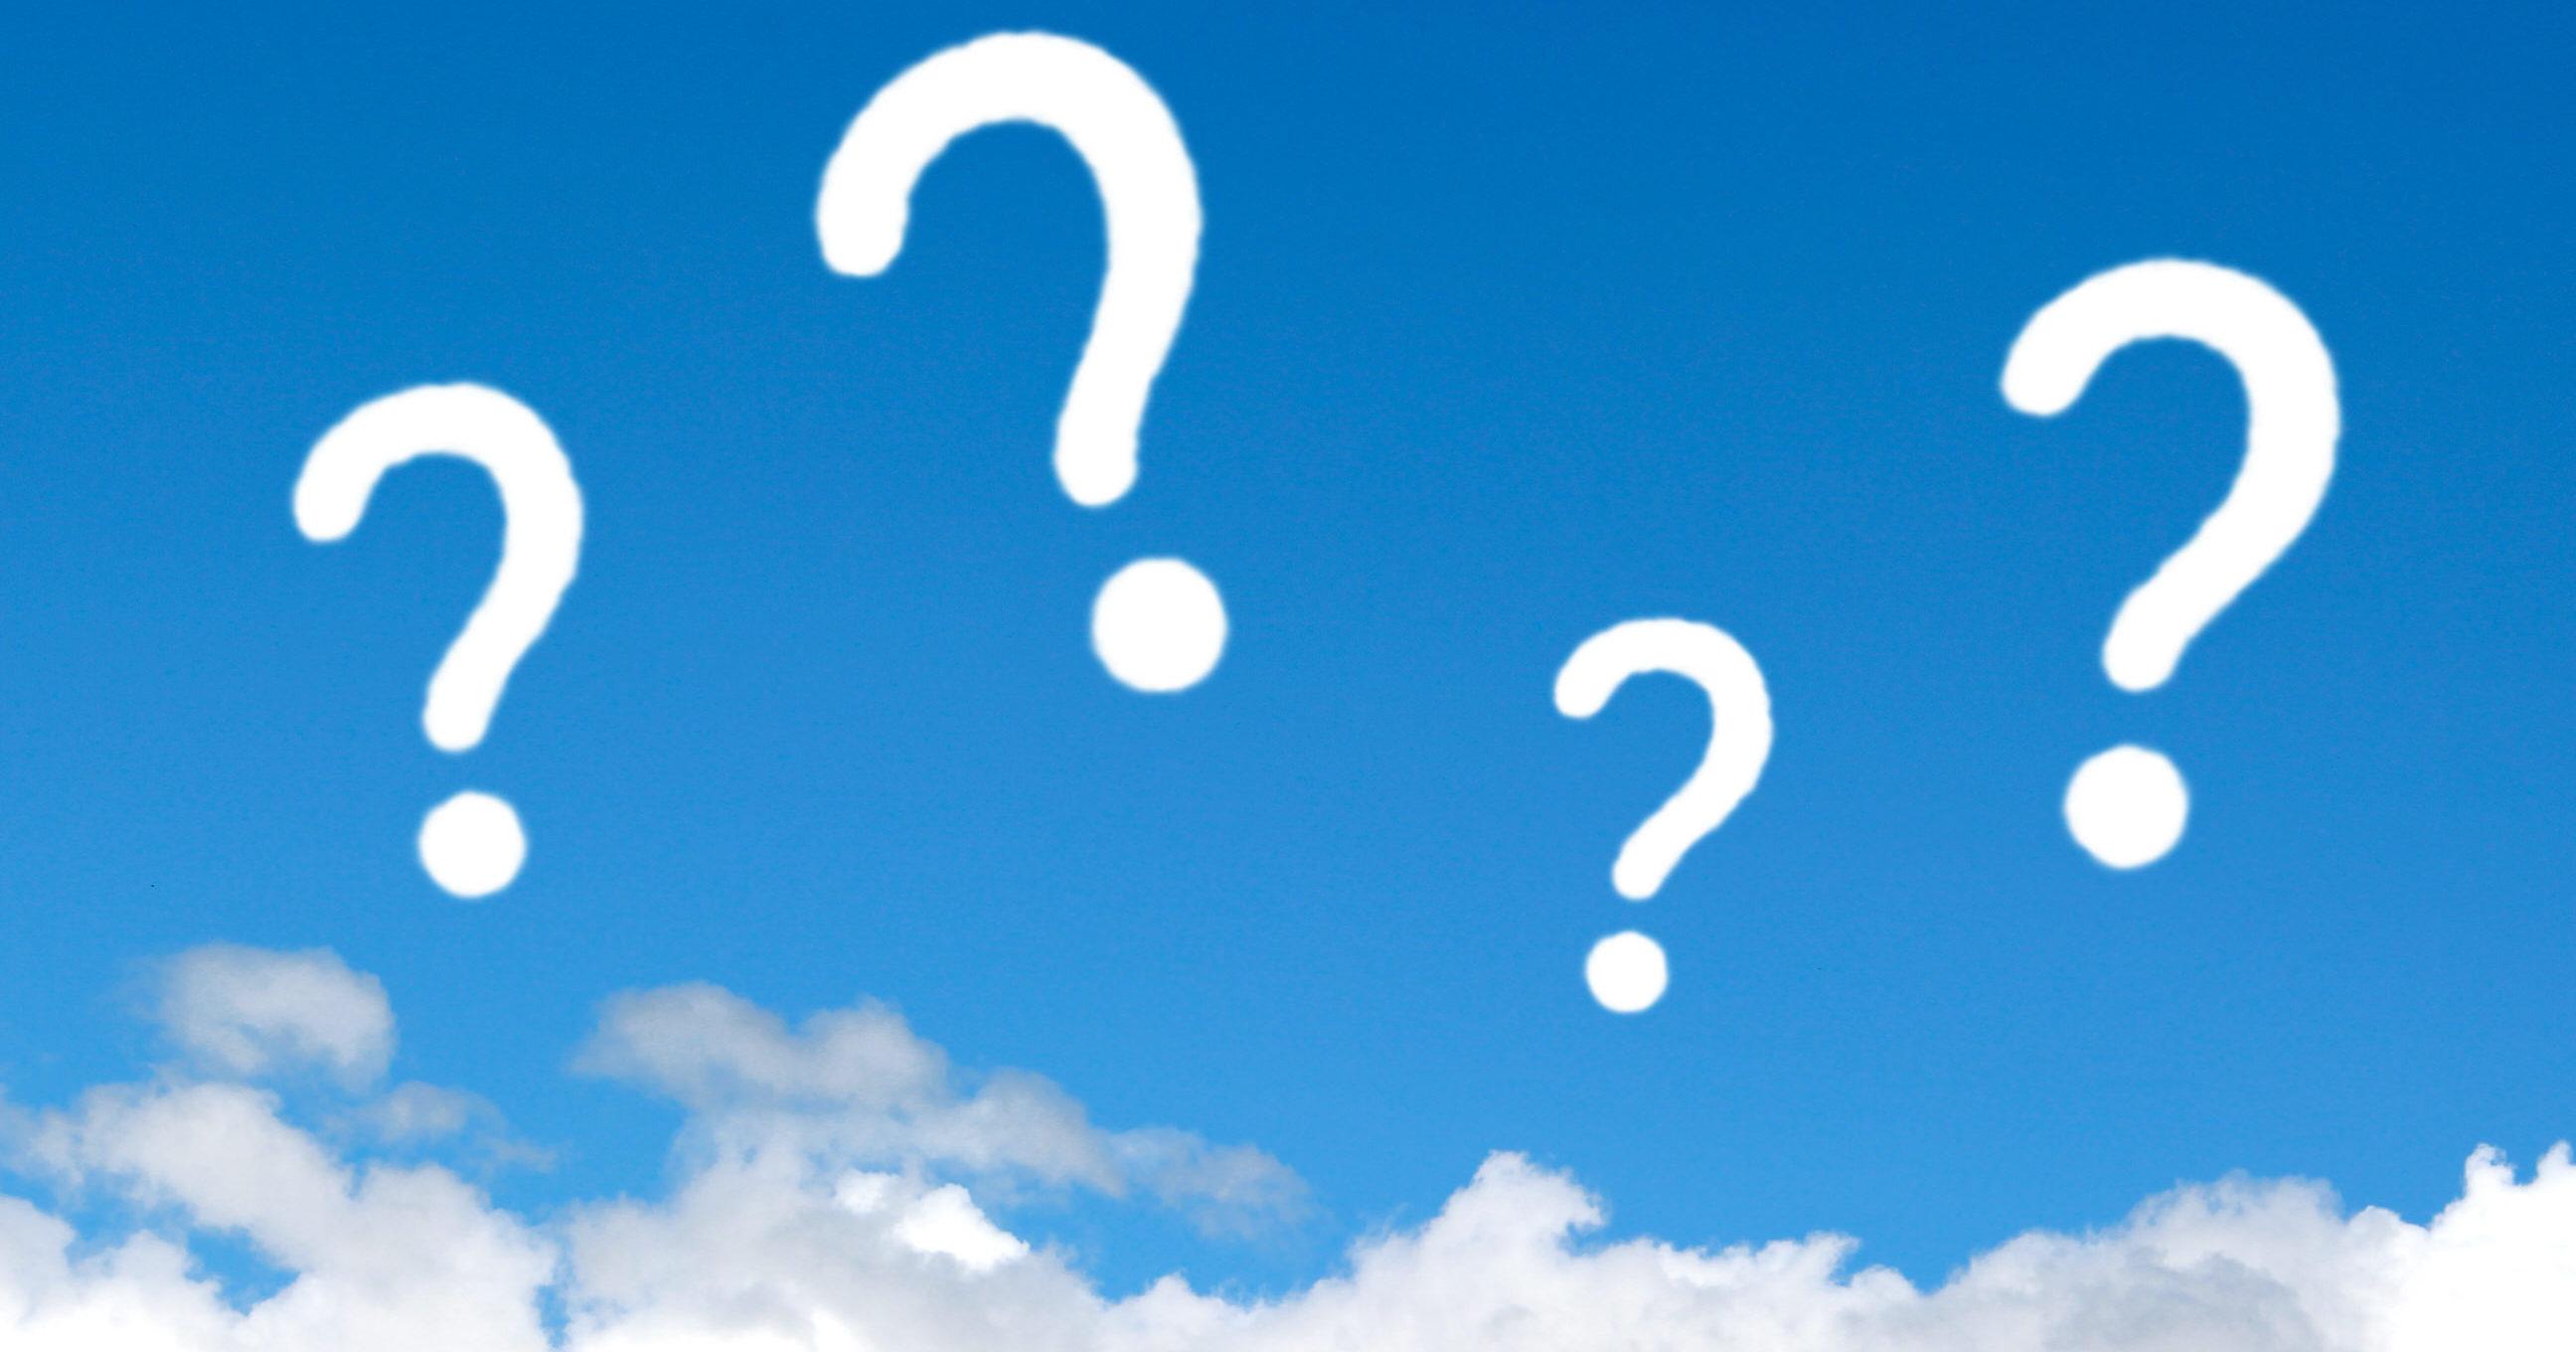 ヒゲの医療脱毛に関してよくある質問